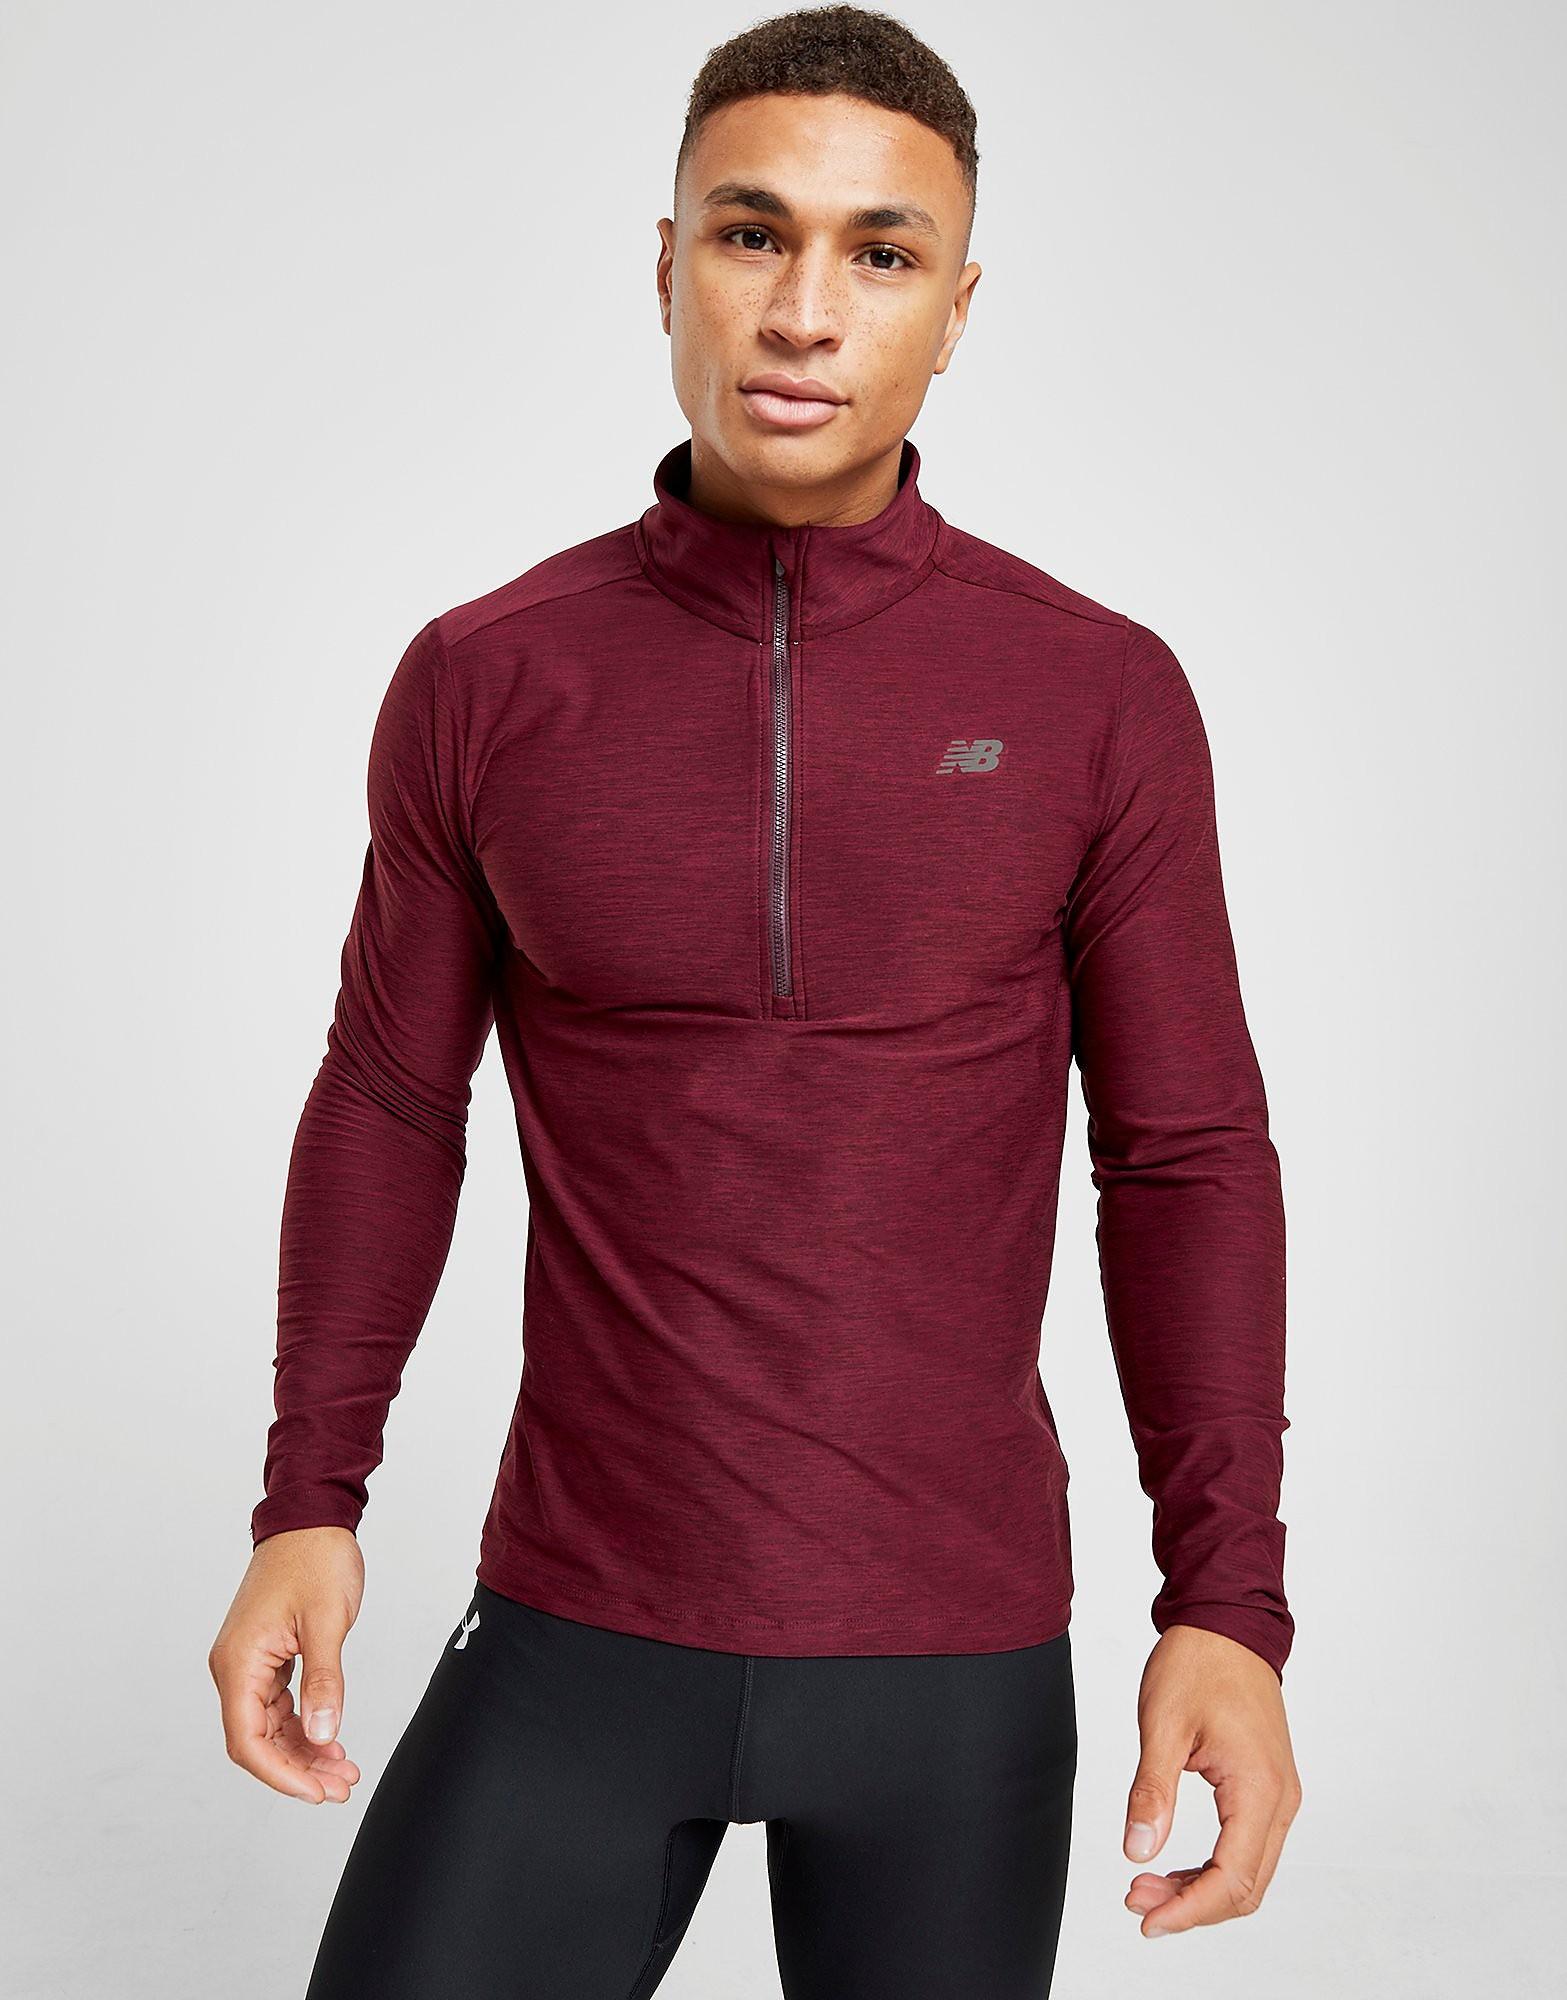 New Balance 12 Zip Space Dye Sweatshirt